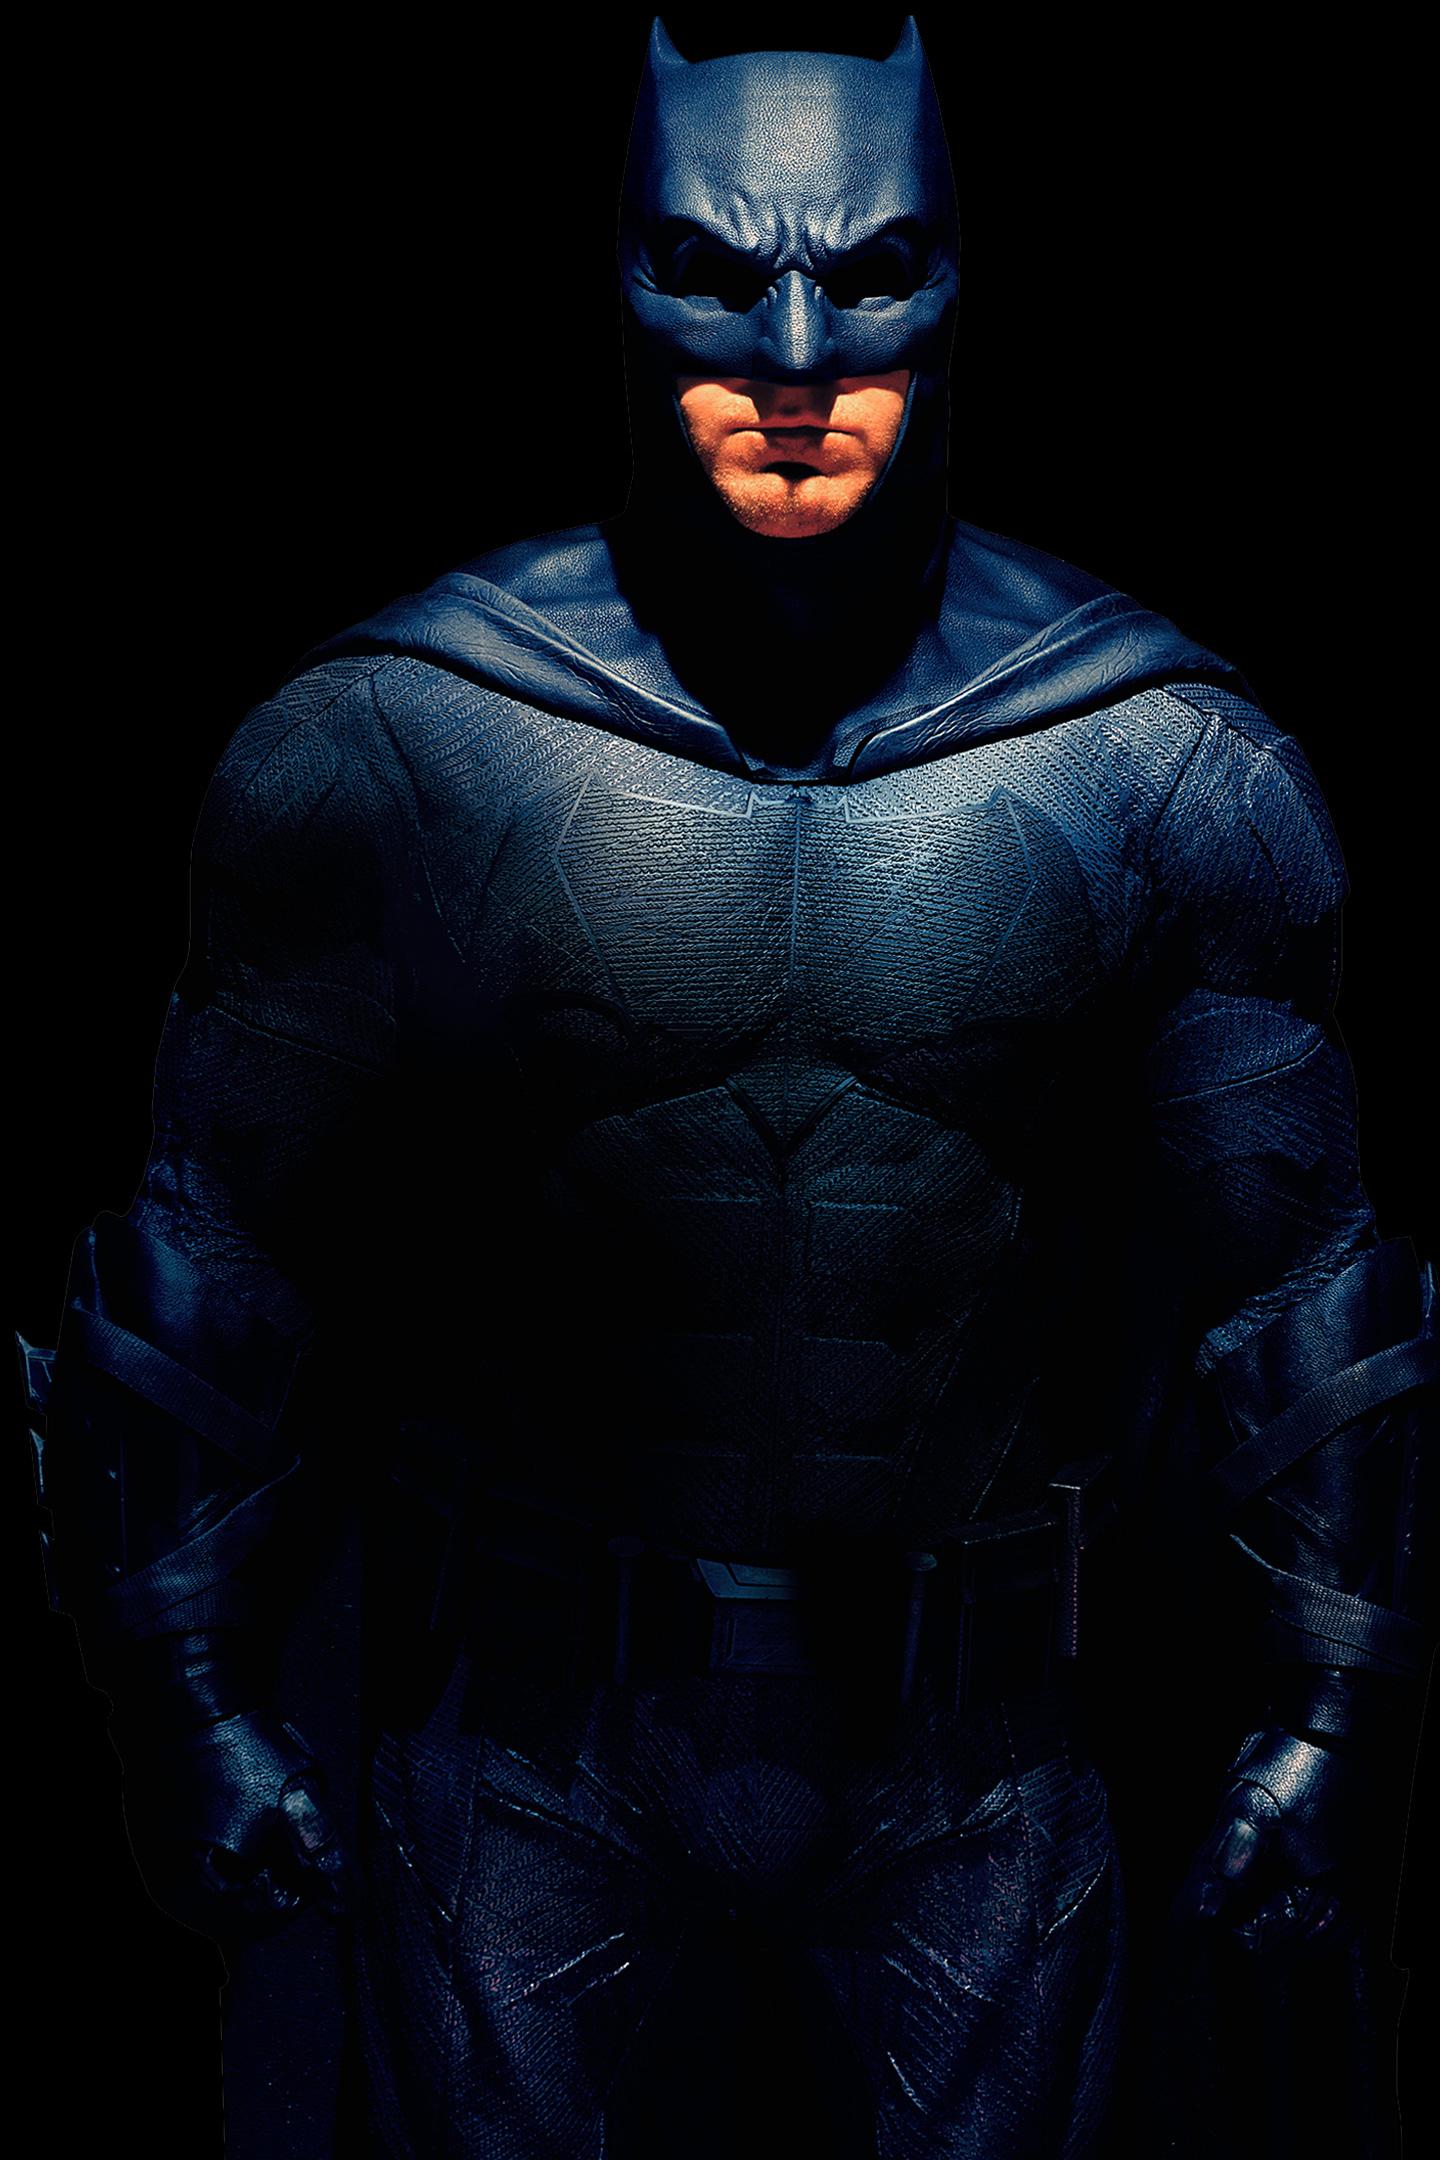 Download 1440x2960 wallpaper batman, superhero, justice ...